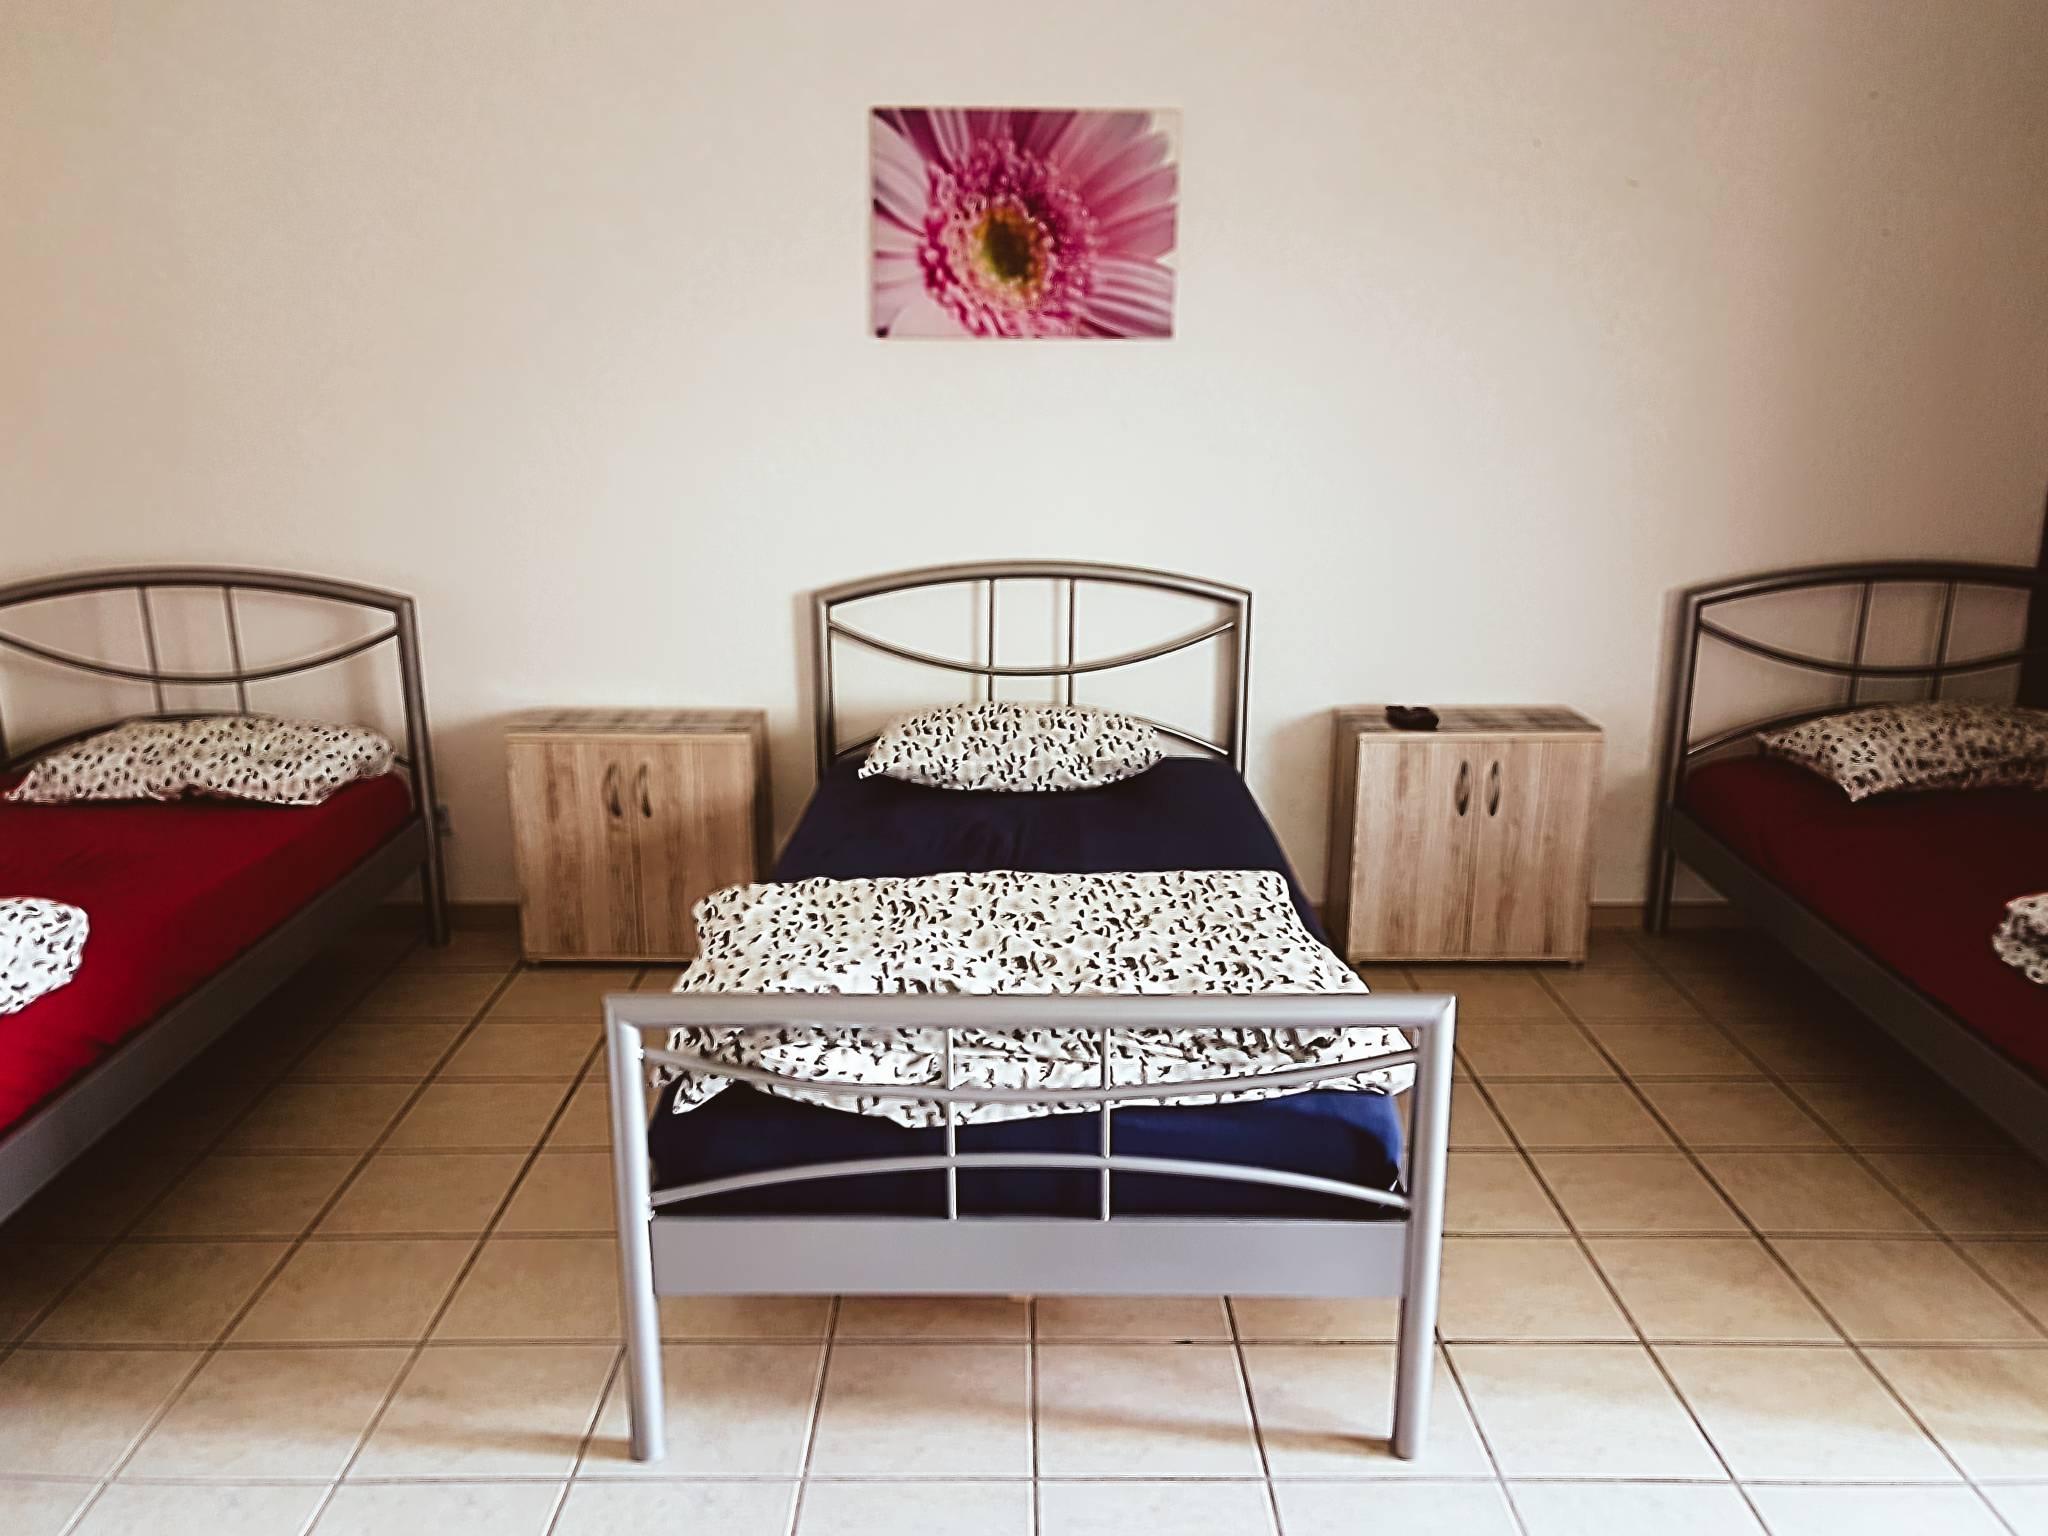 Full Size of Betten Düsseldorf Ferienwohnung Neuss Dsseldorf In Nordrhein Westfalen Günstig Kaufen Bock Xxl Trends Amerikanische Teenager Köln Innocent Rauch 180x200 Bett Betten Düsseldorf